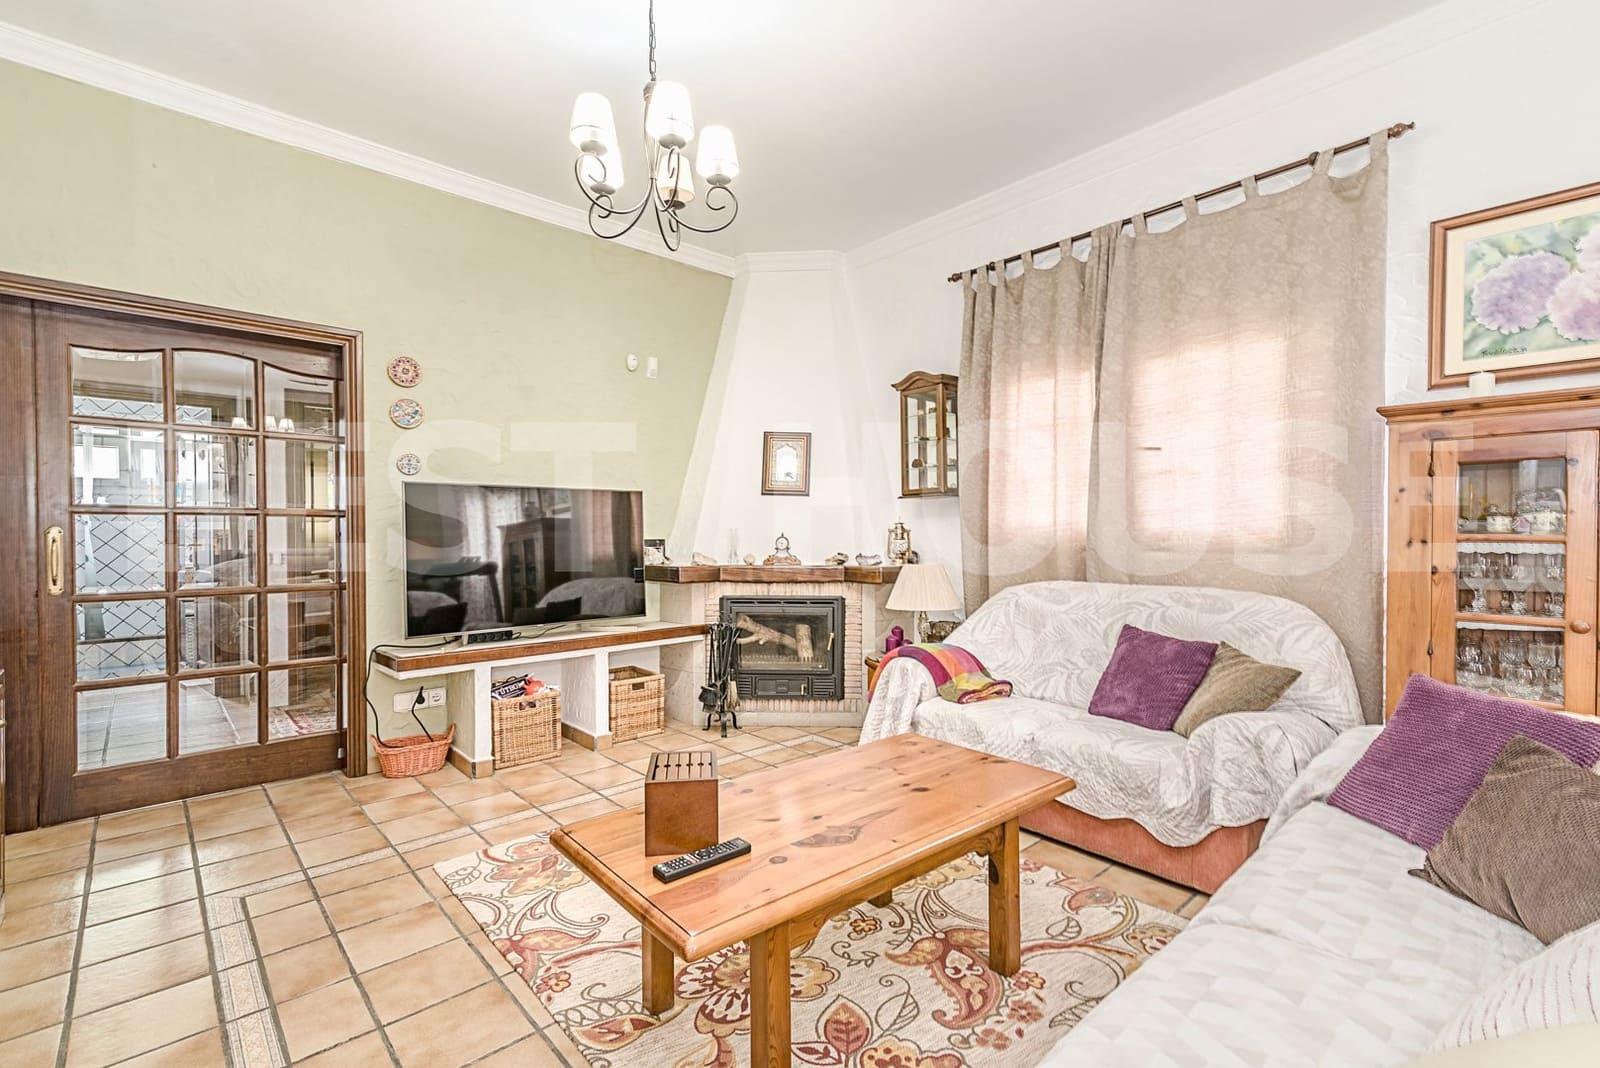 Casa de 3 habitaciones en Santa Brígida en venta con garaje - 325.000 € (Ref: 5347879)